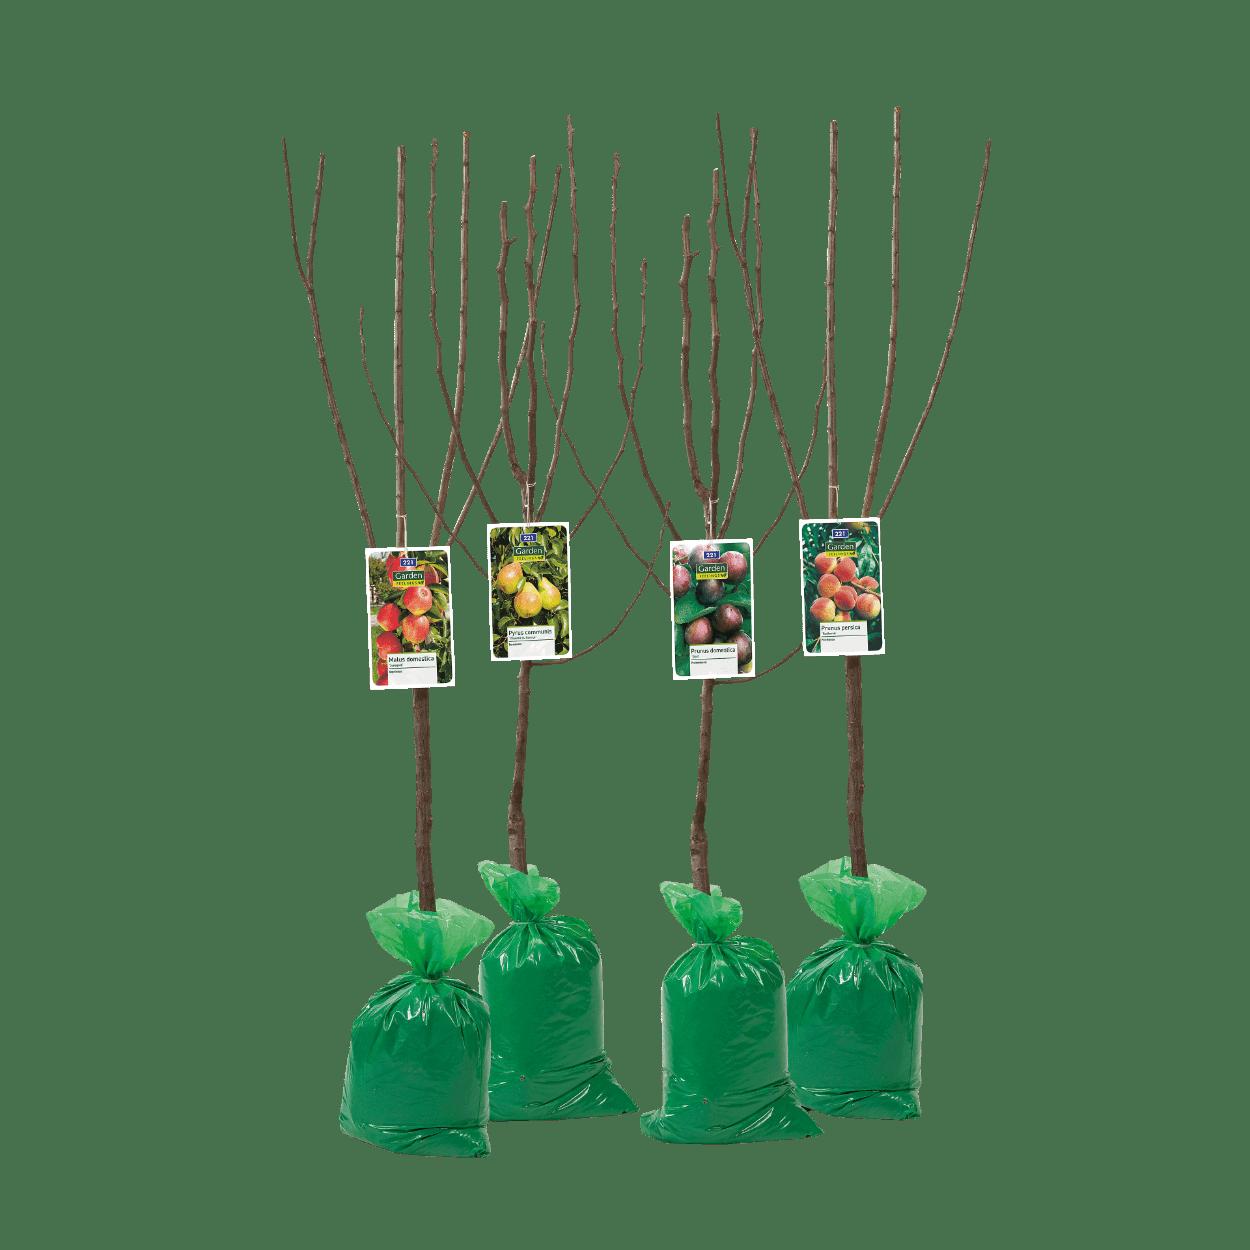 fruitboom van de aldi